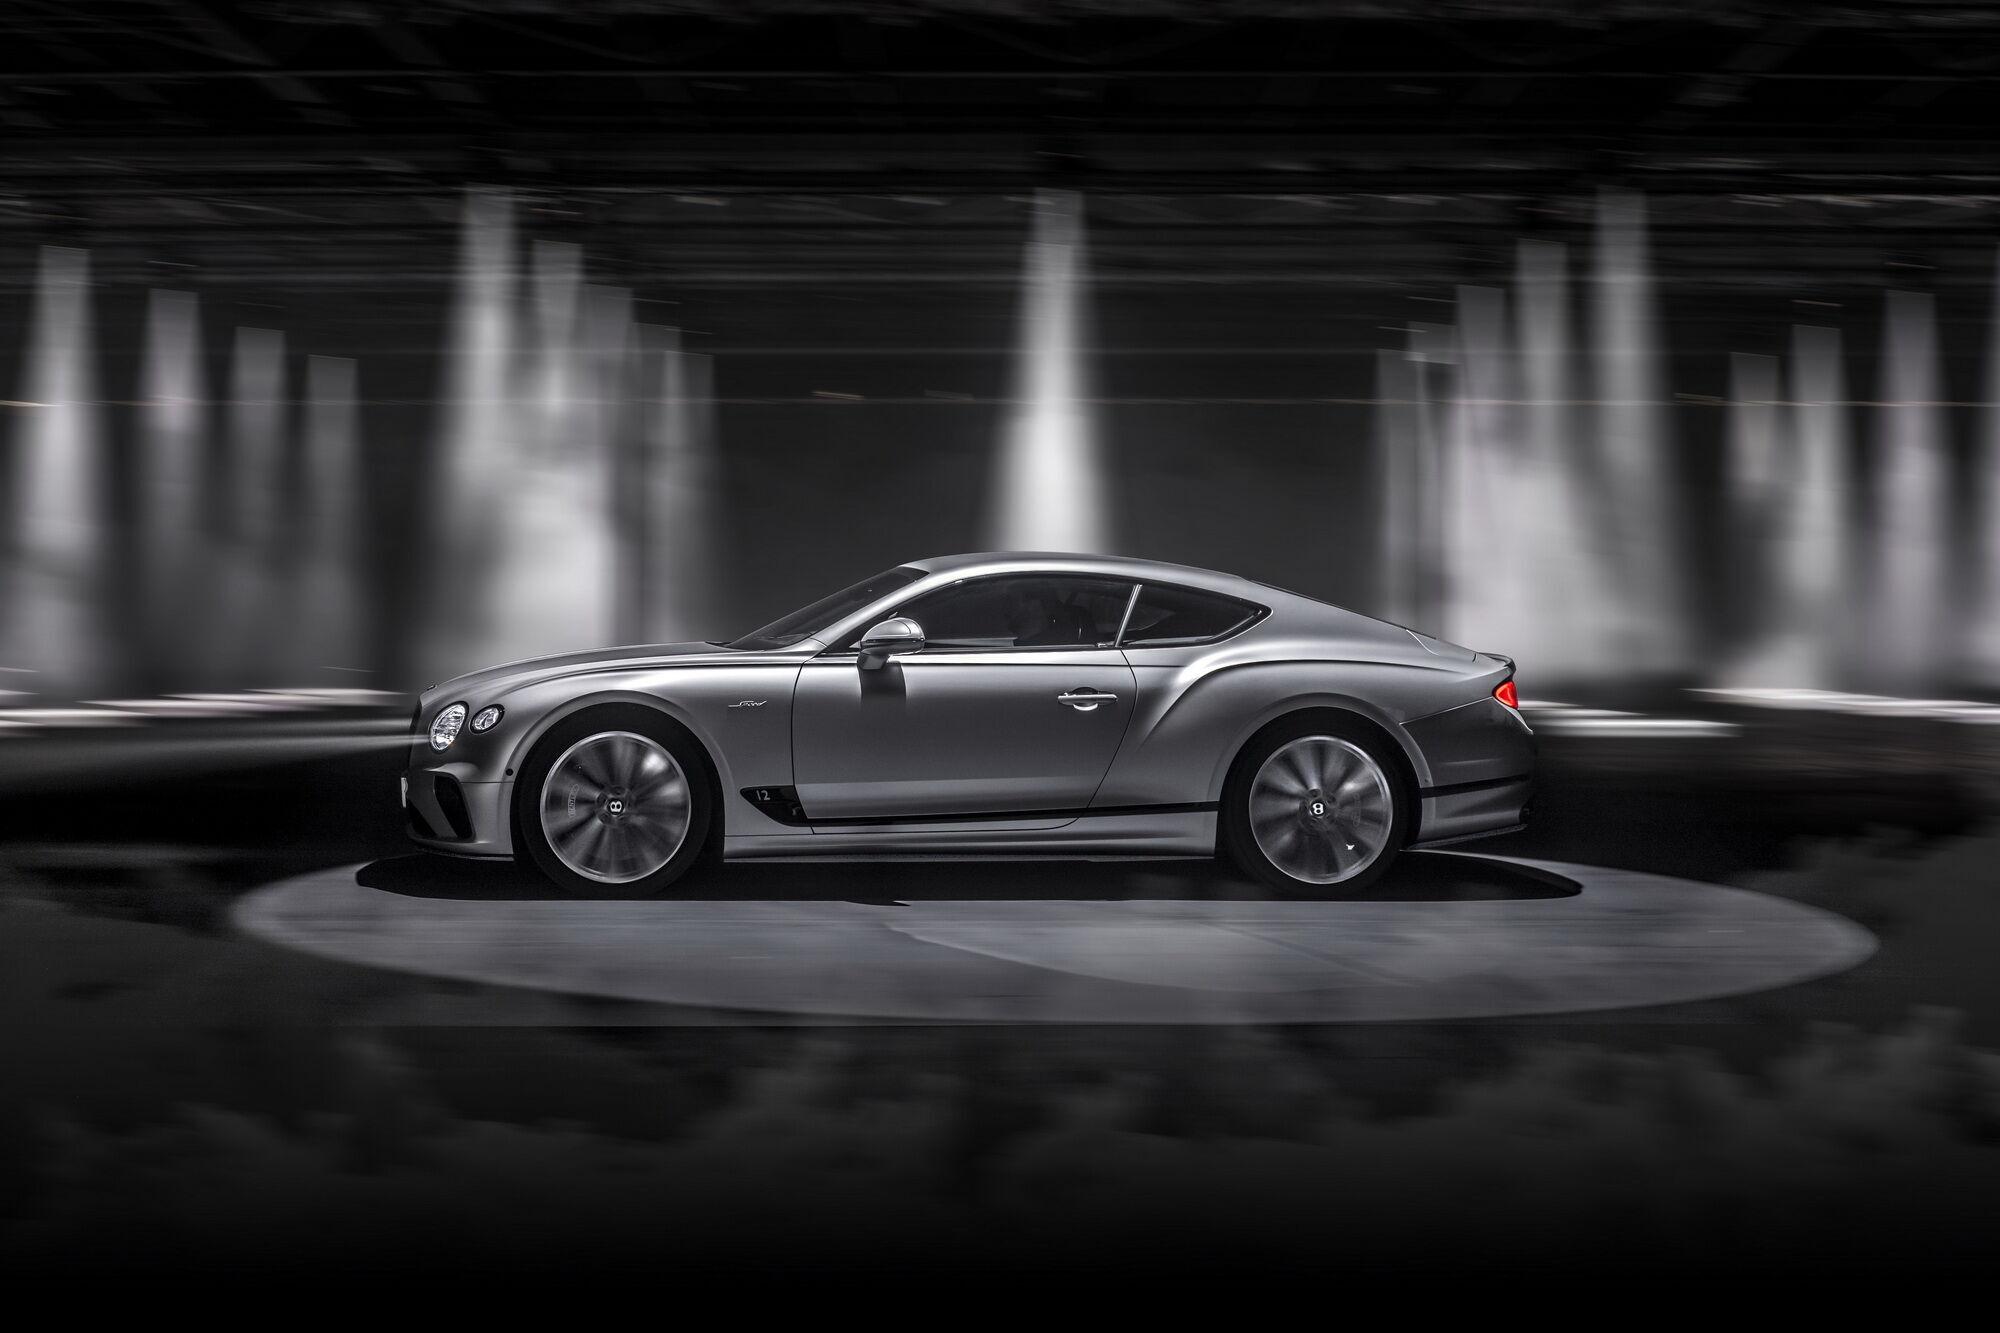 Bentley Continental GT Speed способен разгоняться до 100 км/ч за 3,6 с, а максимальная скорость достигает 335 км/ч